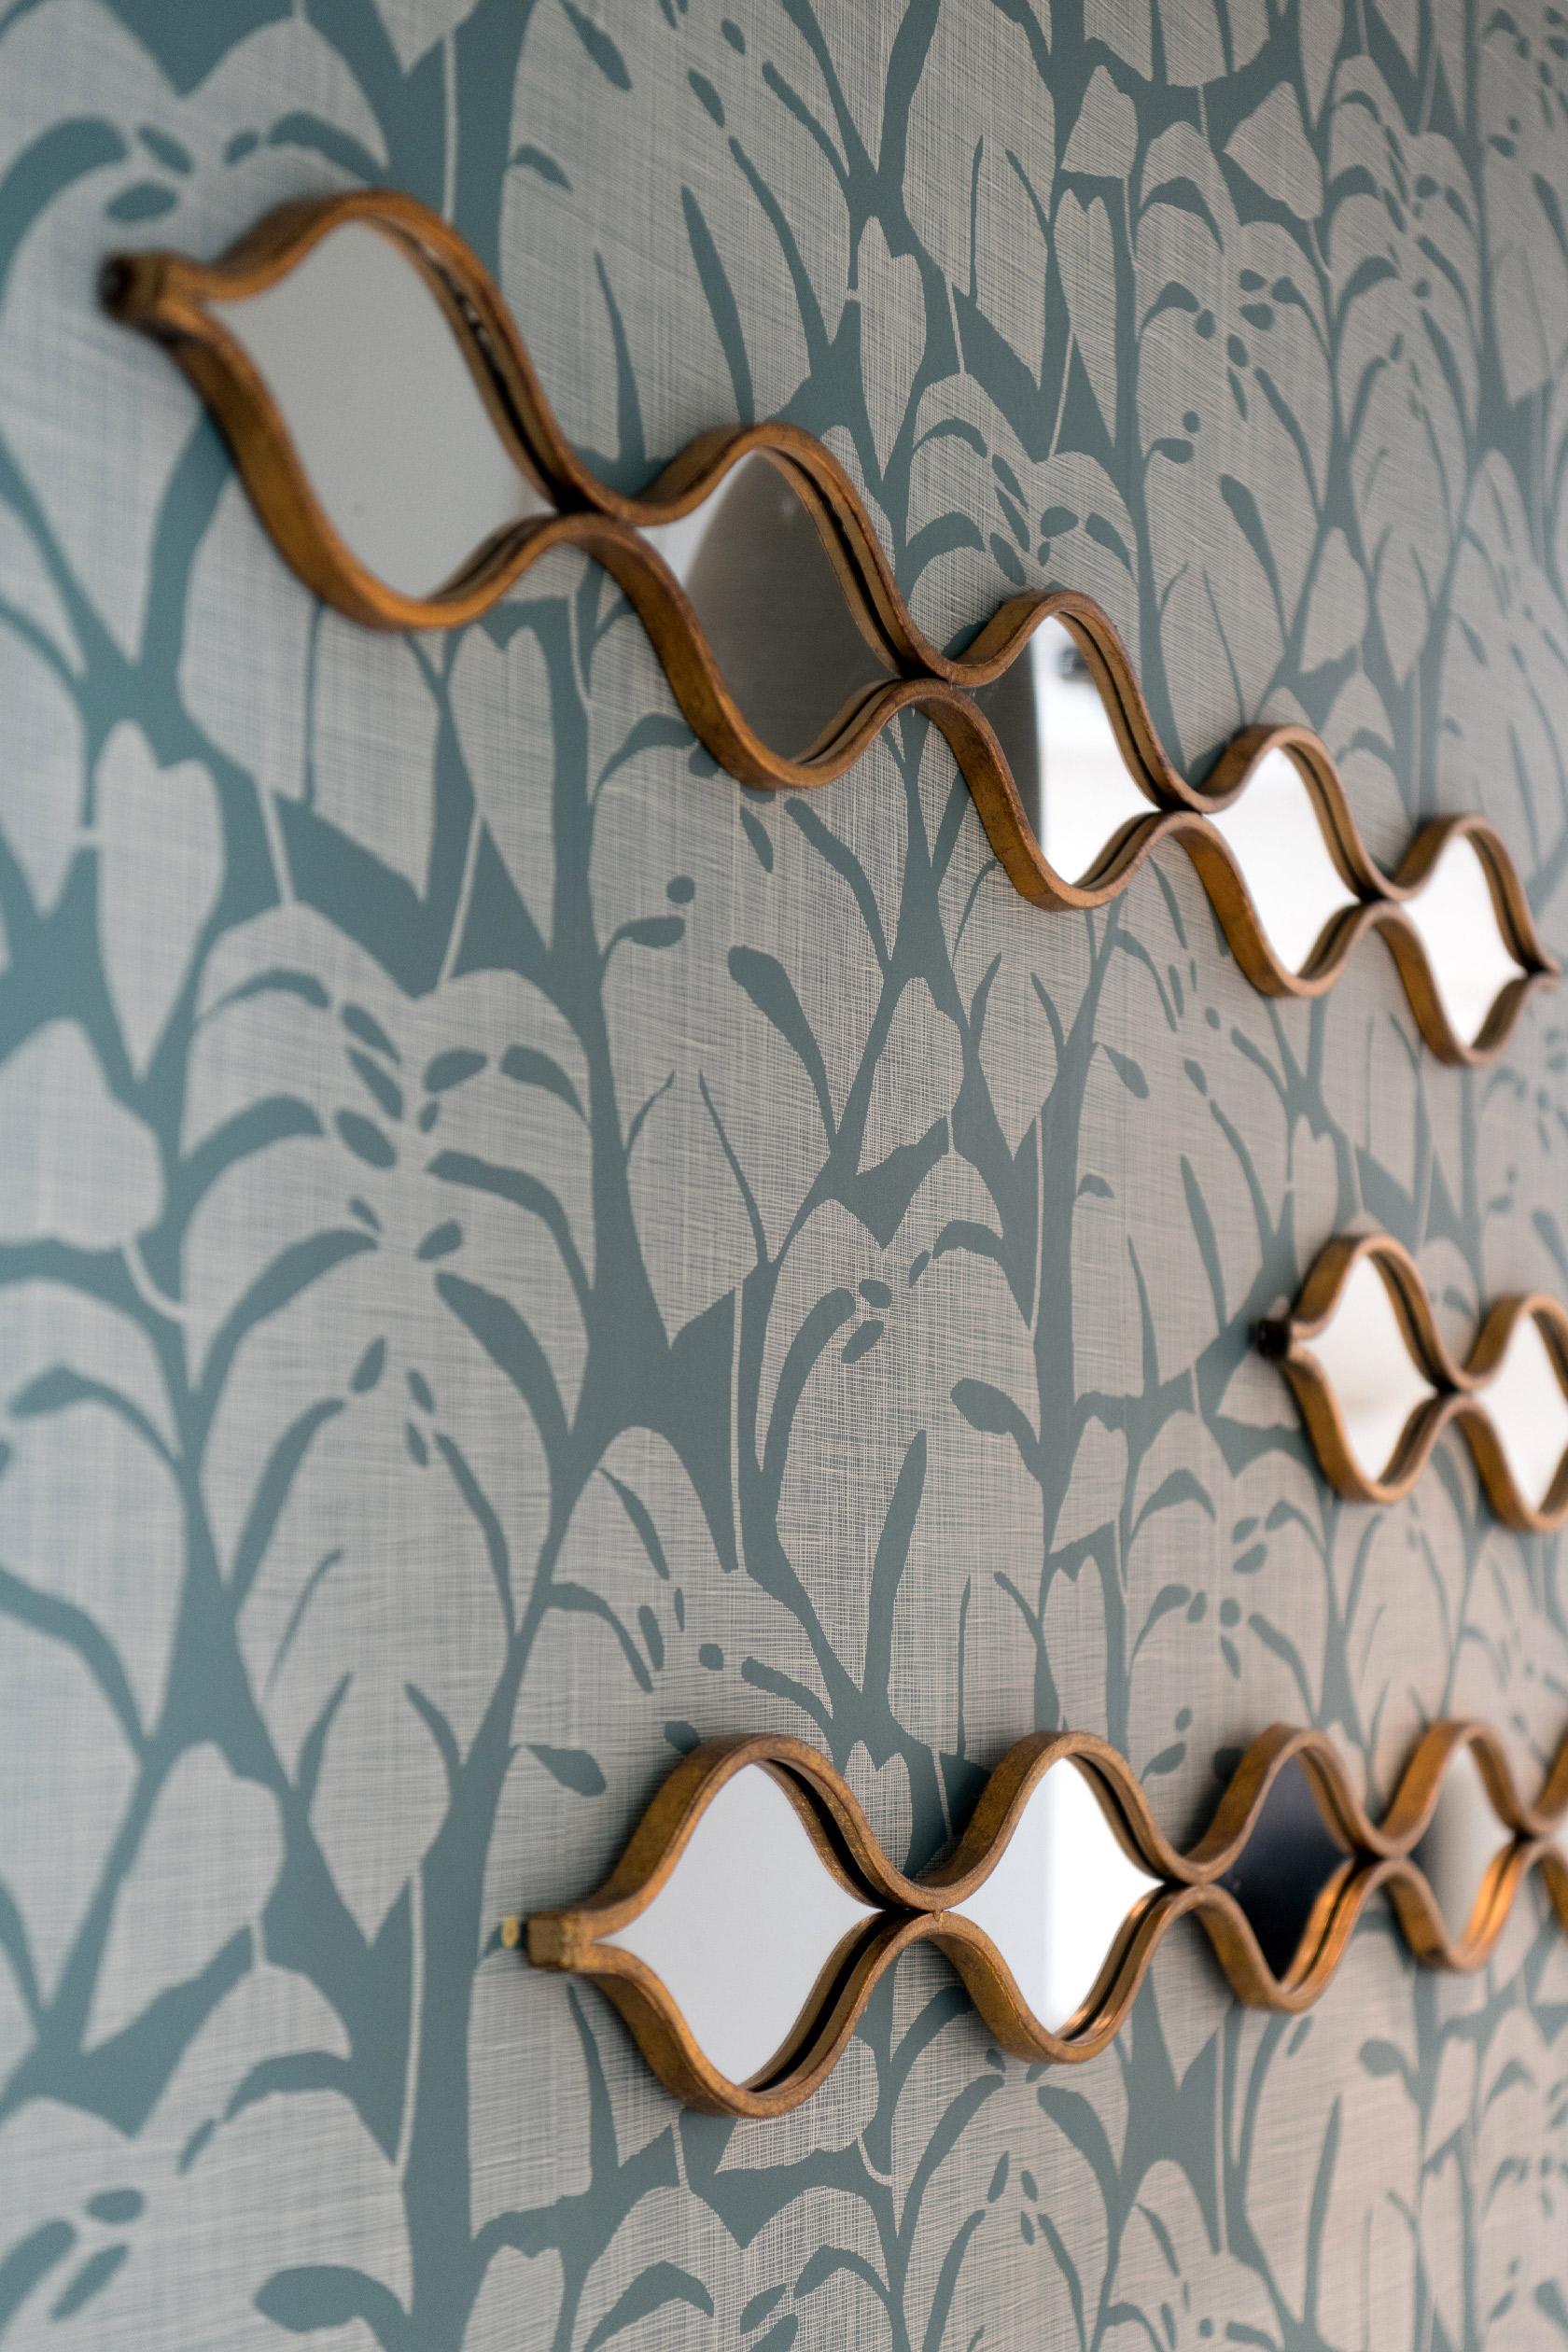 Les miroirs dorés apportent la touche finale au papier peint Missprint Guatemala et le dessin de ses feuilles de palmiers.